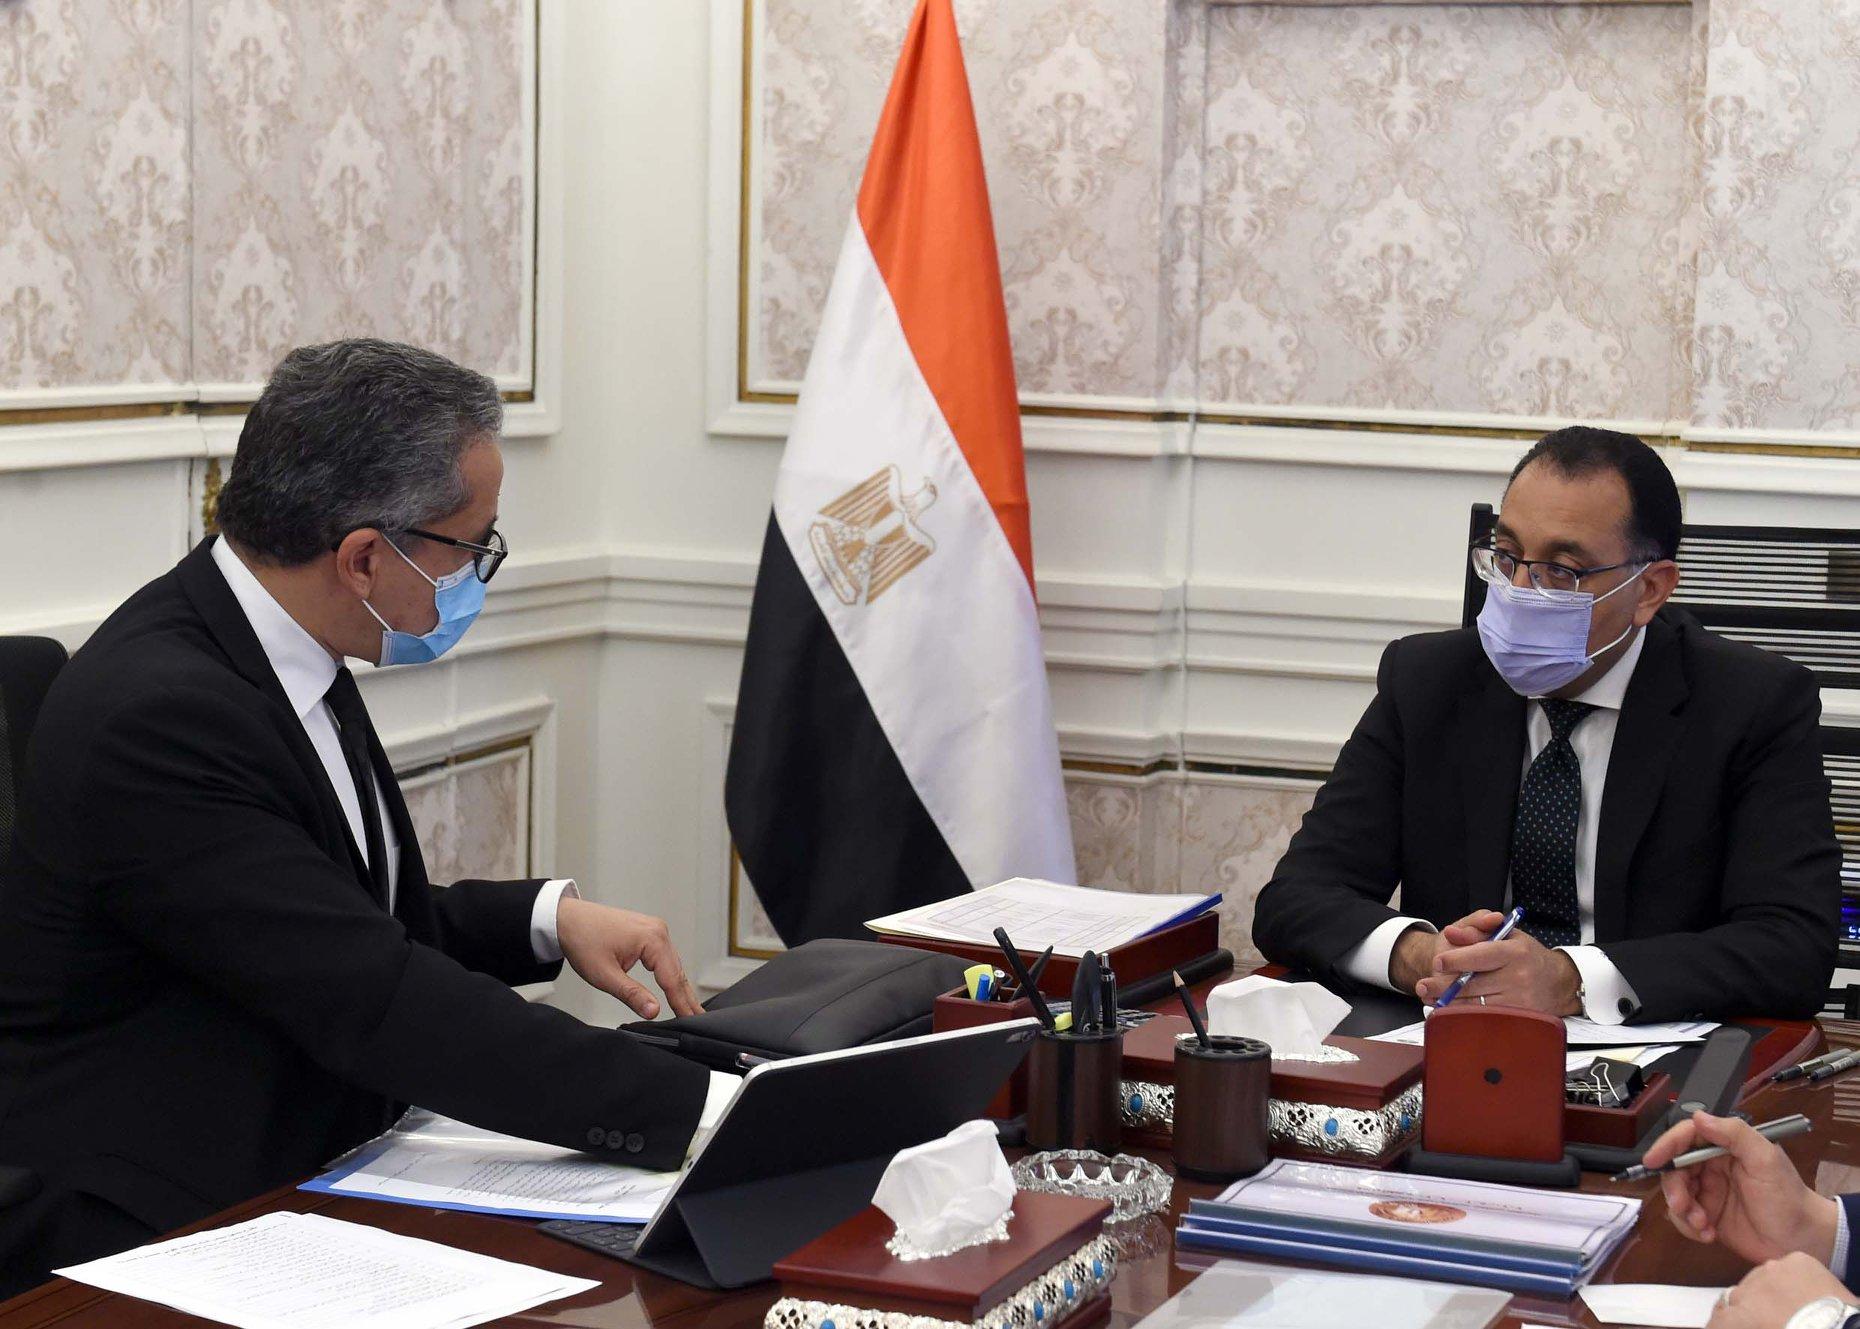 صور | رئيس الوزراء يكلف بسرعة البدء في تطوير ميادين طلعت حرب والأوبرا والعتبة على غرار التحرير